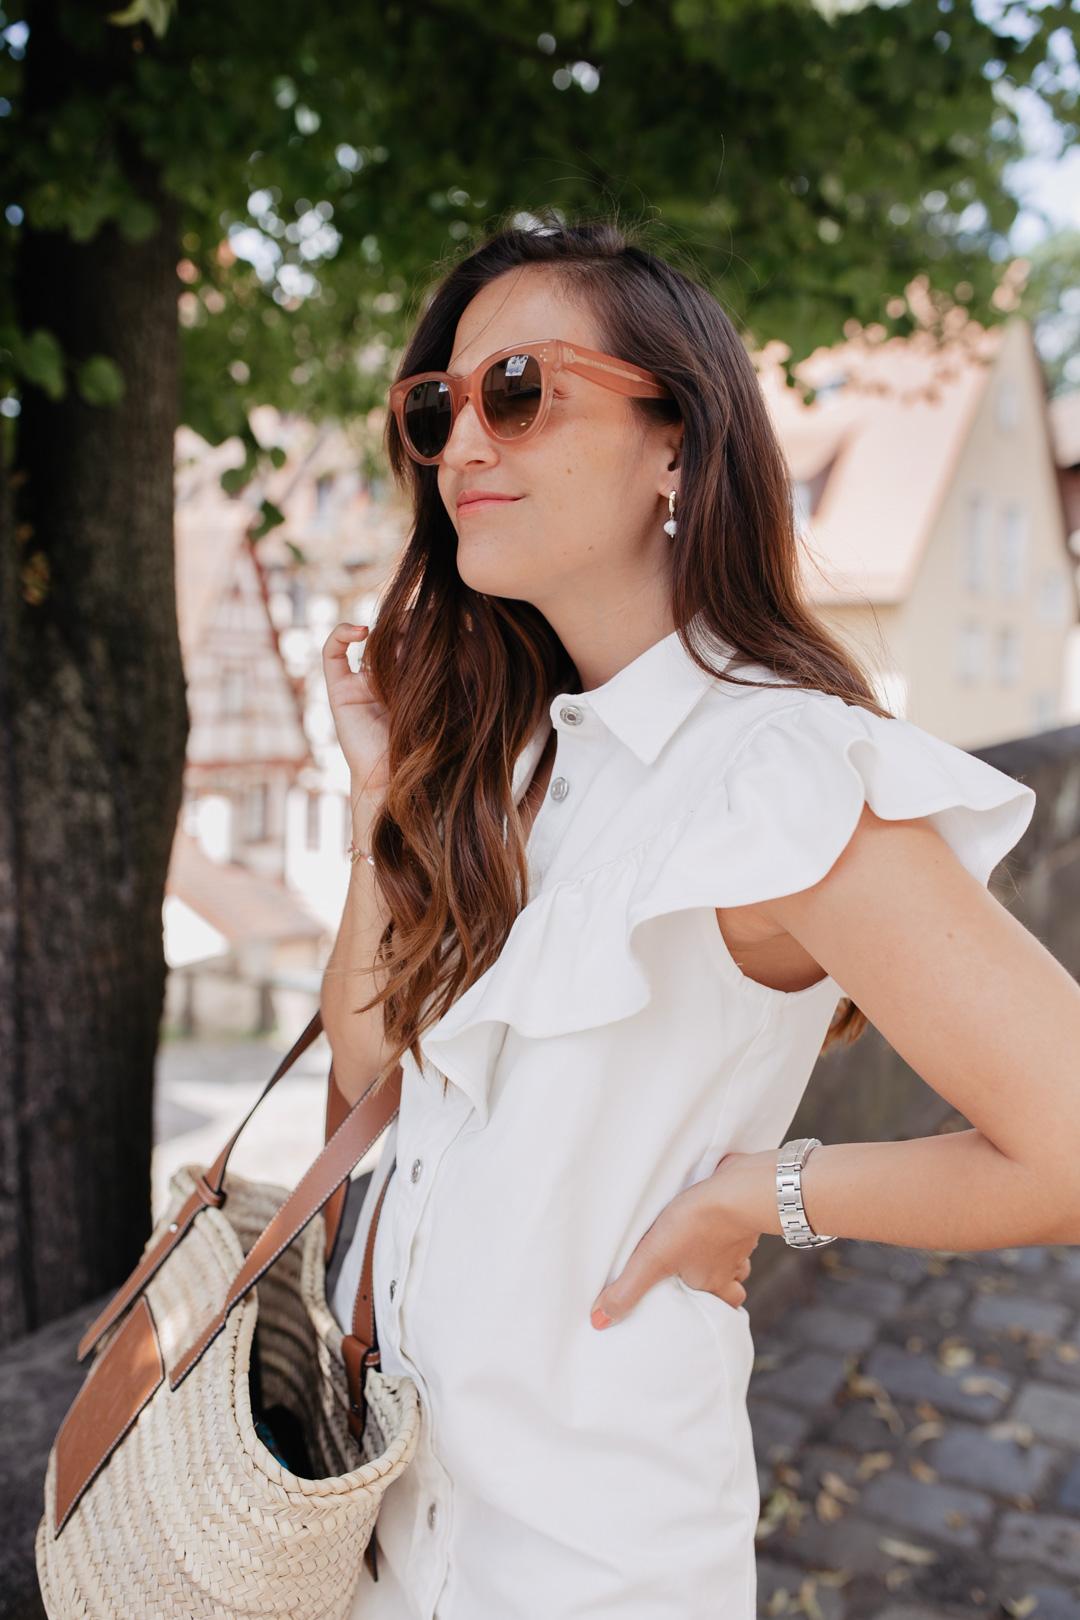 Sommerlook mit weißem Sommerkleid mit Volants von Zara, Sandalen von Emme Parsons und Korbtasche von Loewe - Pieces of Mariposa